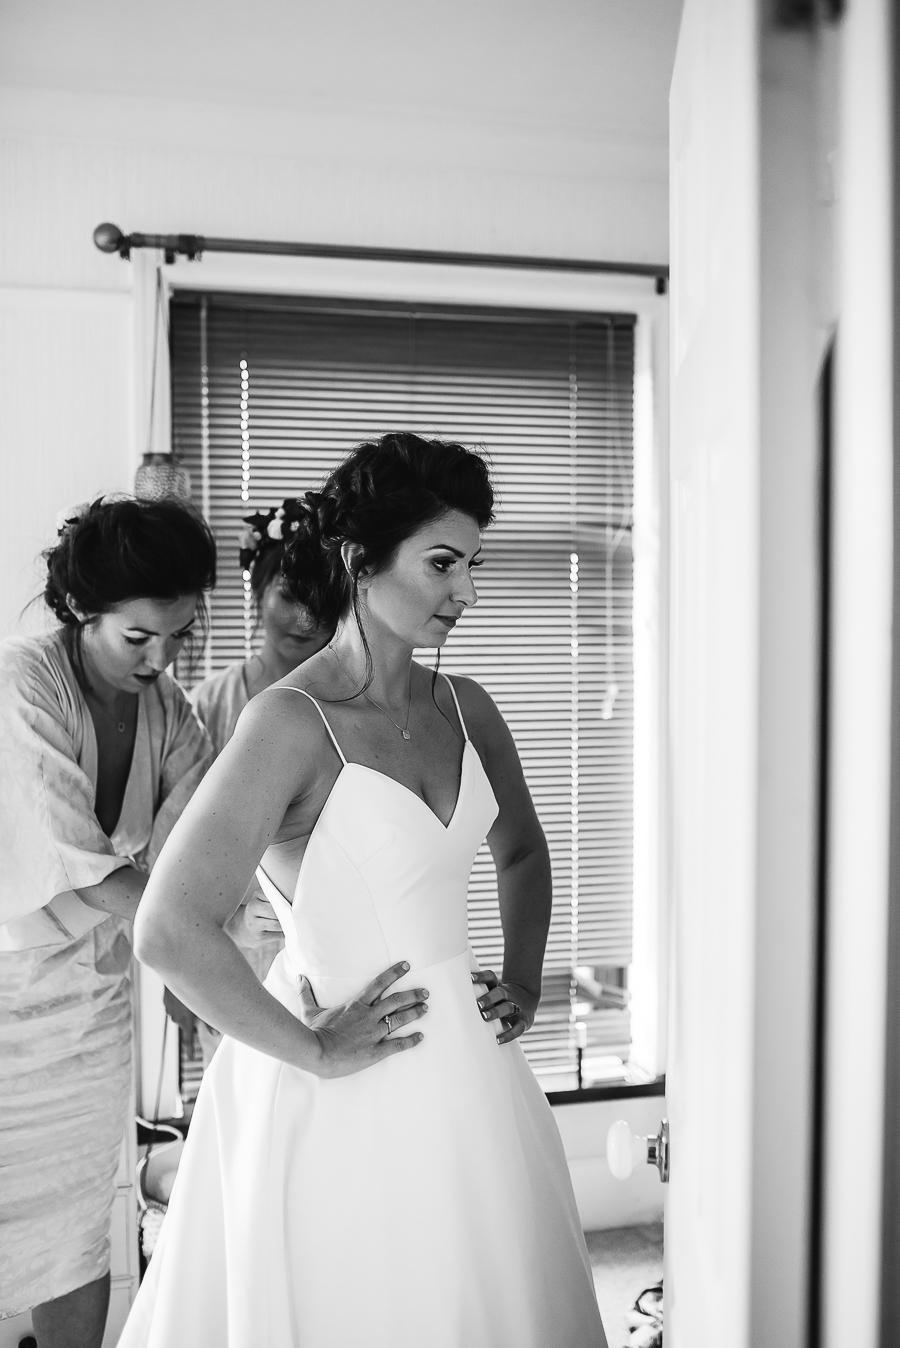 Sosban Wedding - Llanelli - Our Beautiful Adventure Photography - Wedding Photographer - Real wedding blog